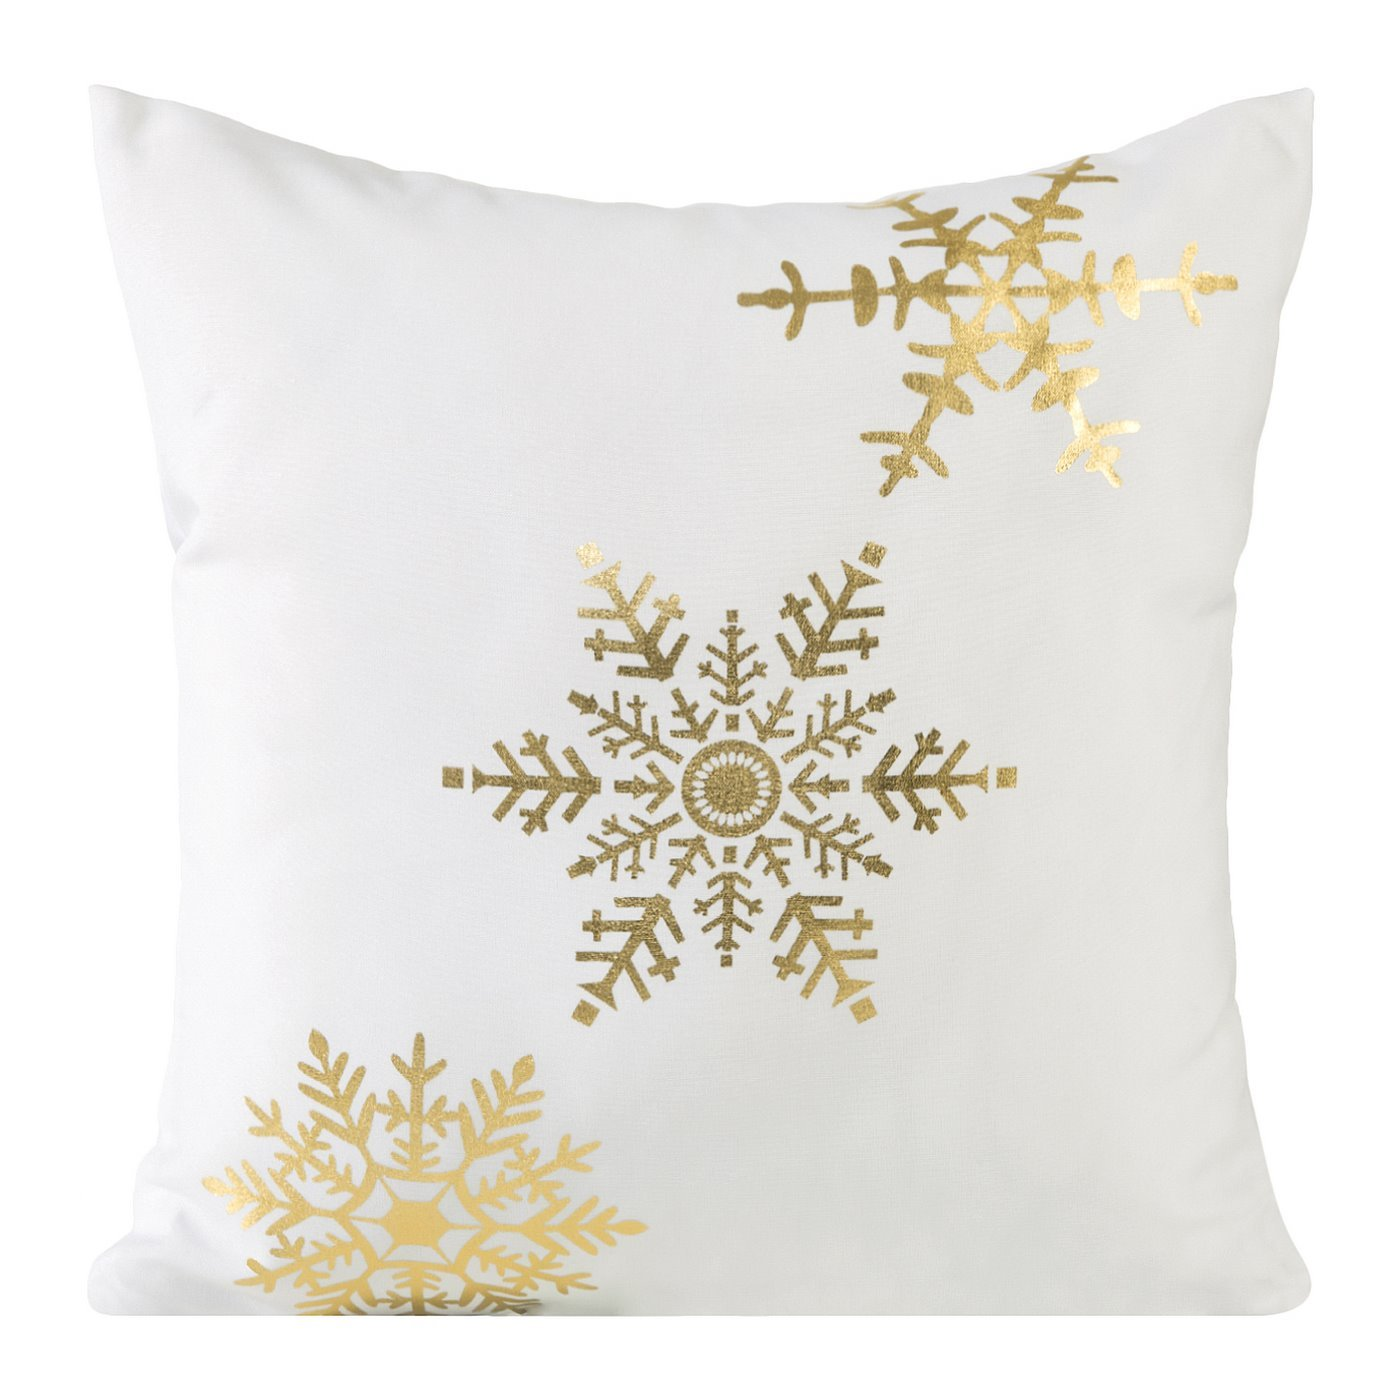 Poszewka na poduszkę biało złota płatek śniegu 40 x 40 cm